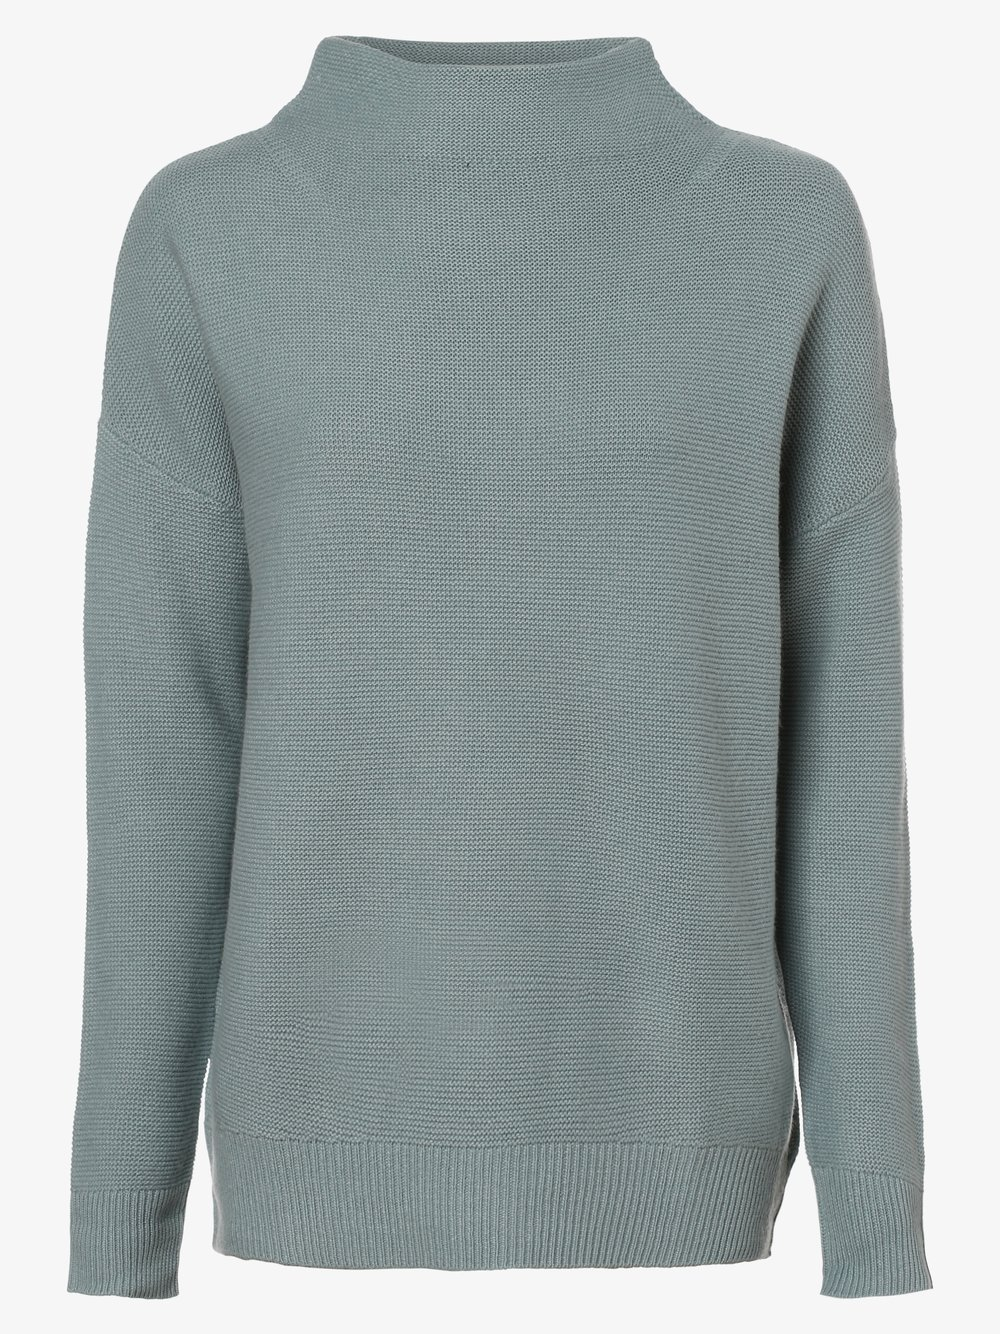 Lieblingsstück - Sweter damski z dodatkiem wełny merino i kaszmiru, niebieski